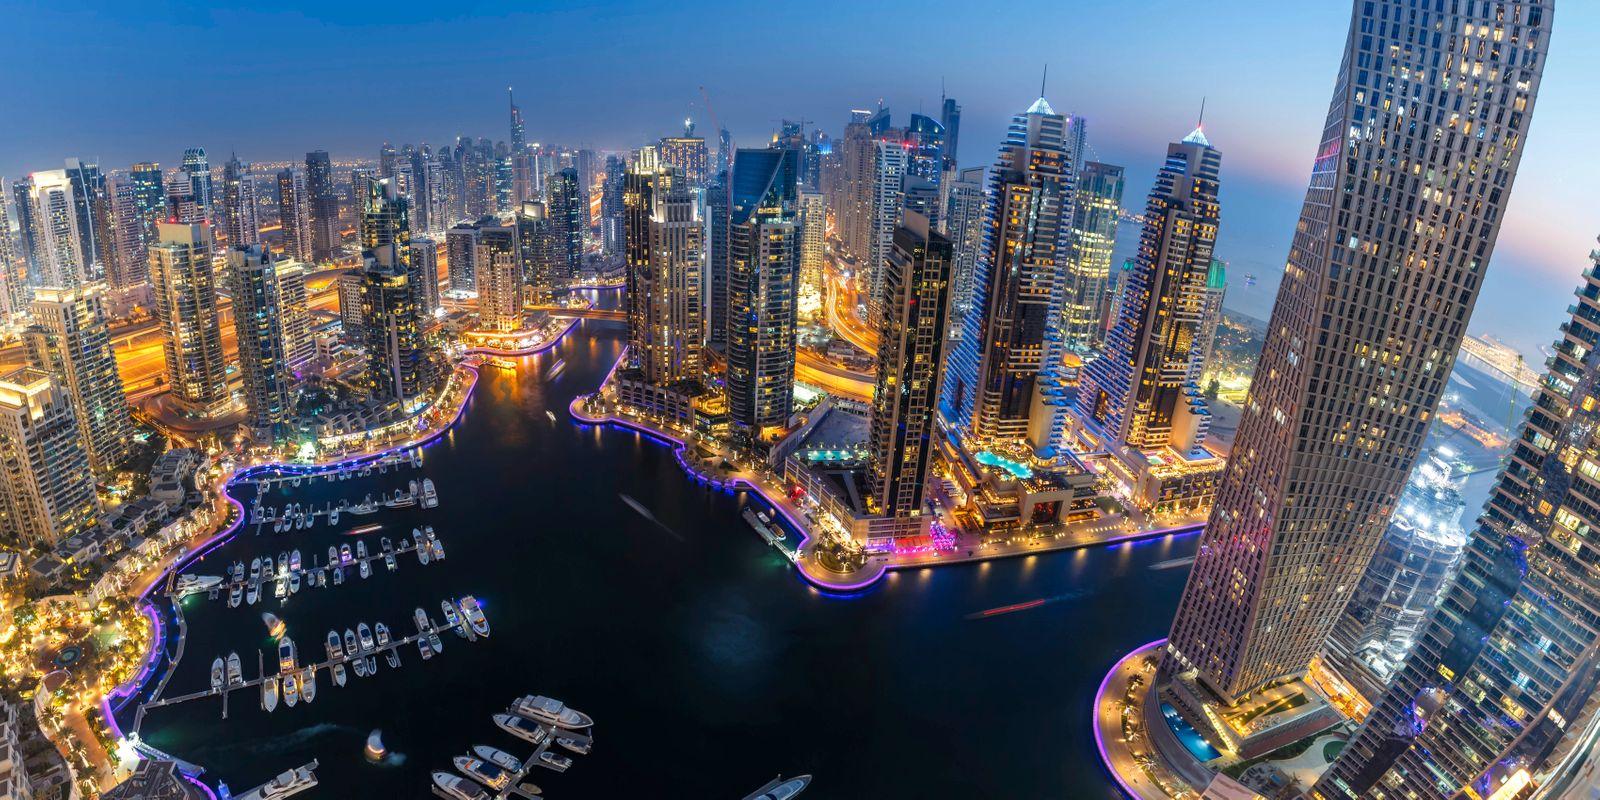 Dubai Marina Hafen Skyline Architektur Urlaub ?bersicht in Vereinigte Arabische Emirate bei Nacht Panorama Dubai, Verein